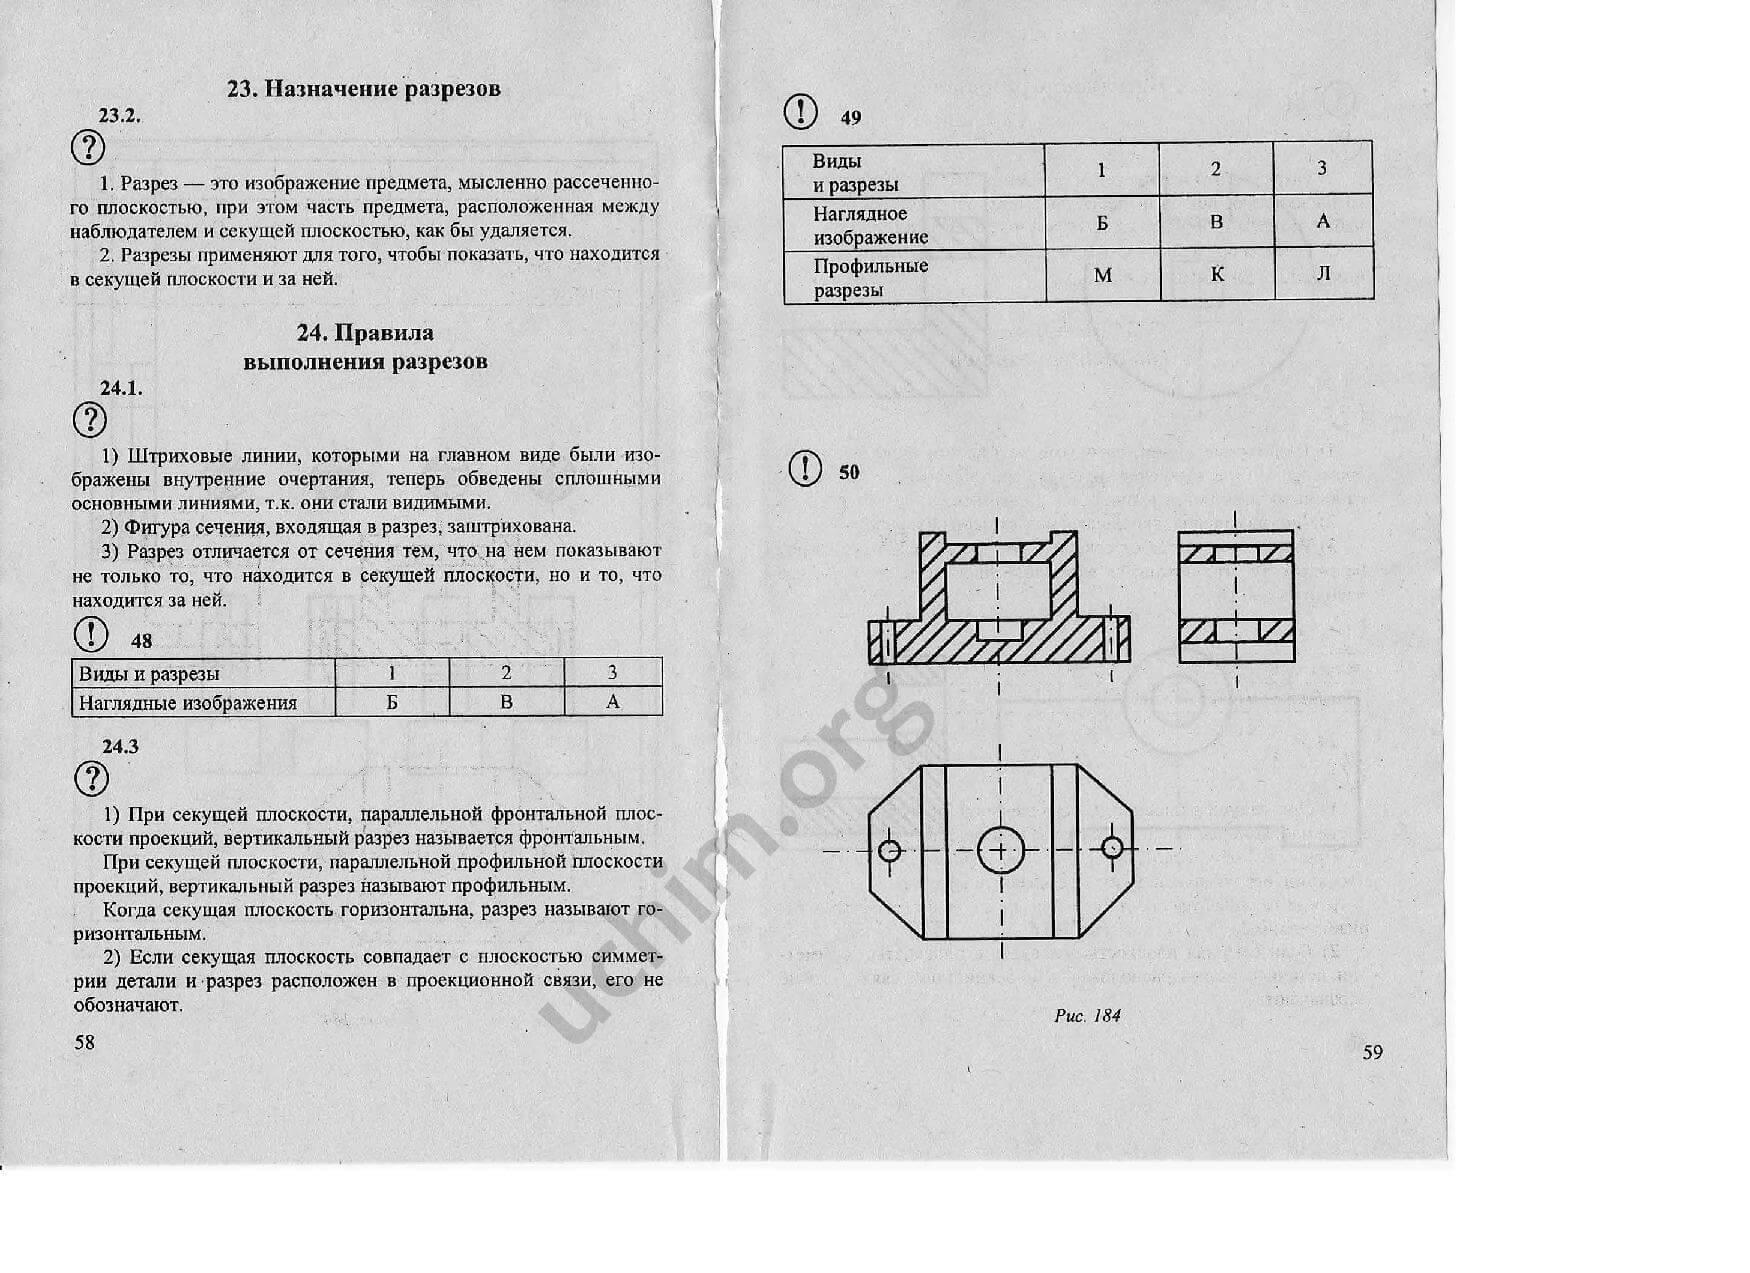 Гдз по черчению 9 класс ботвинников рис 184